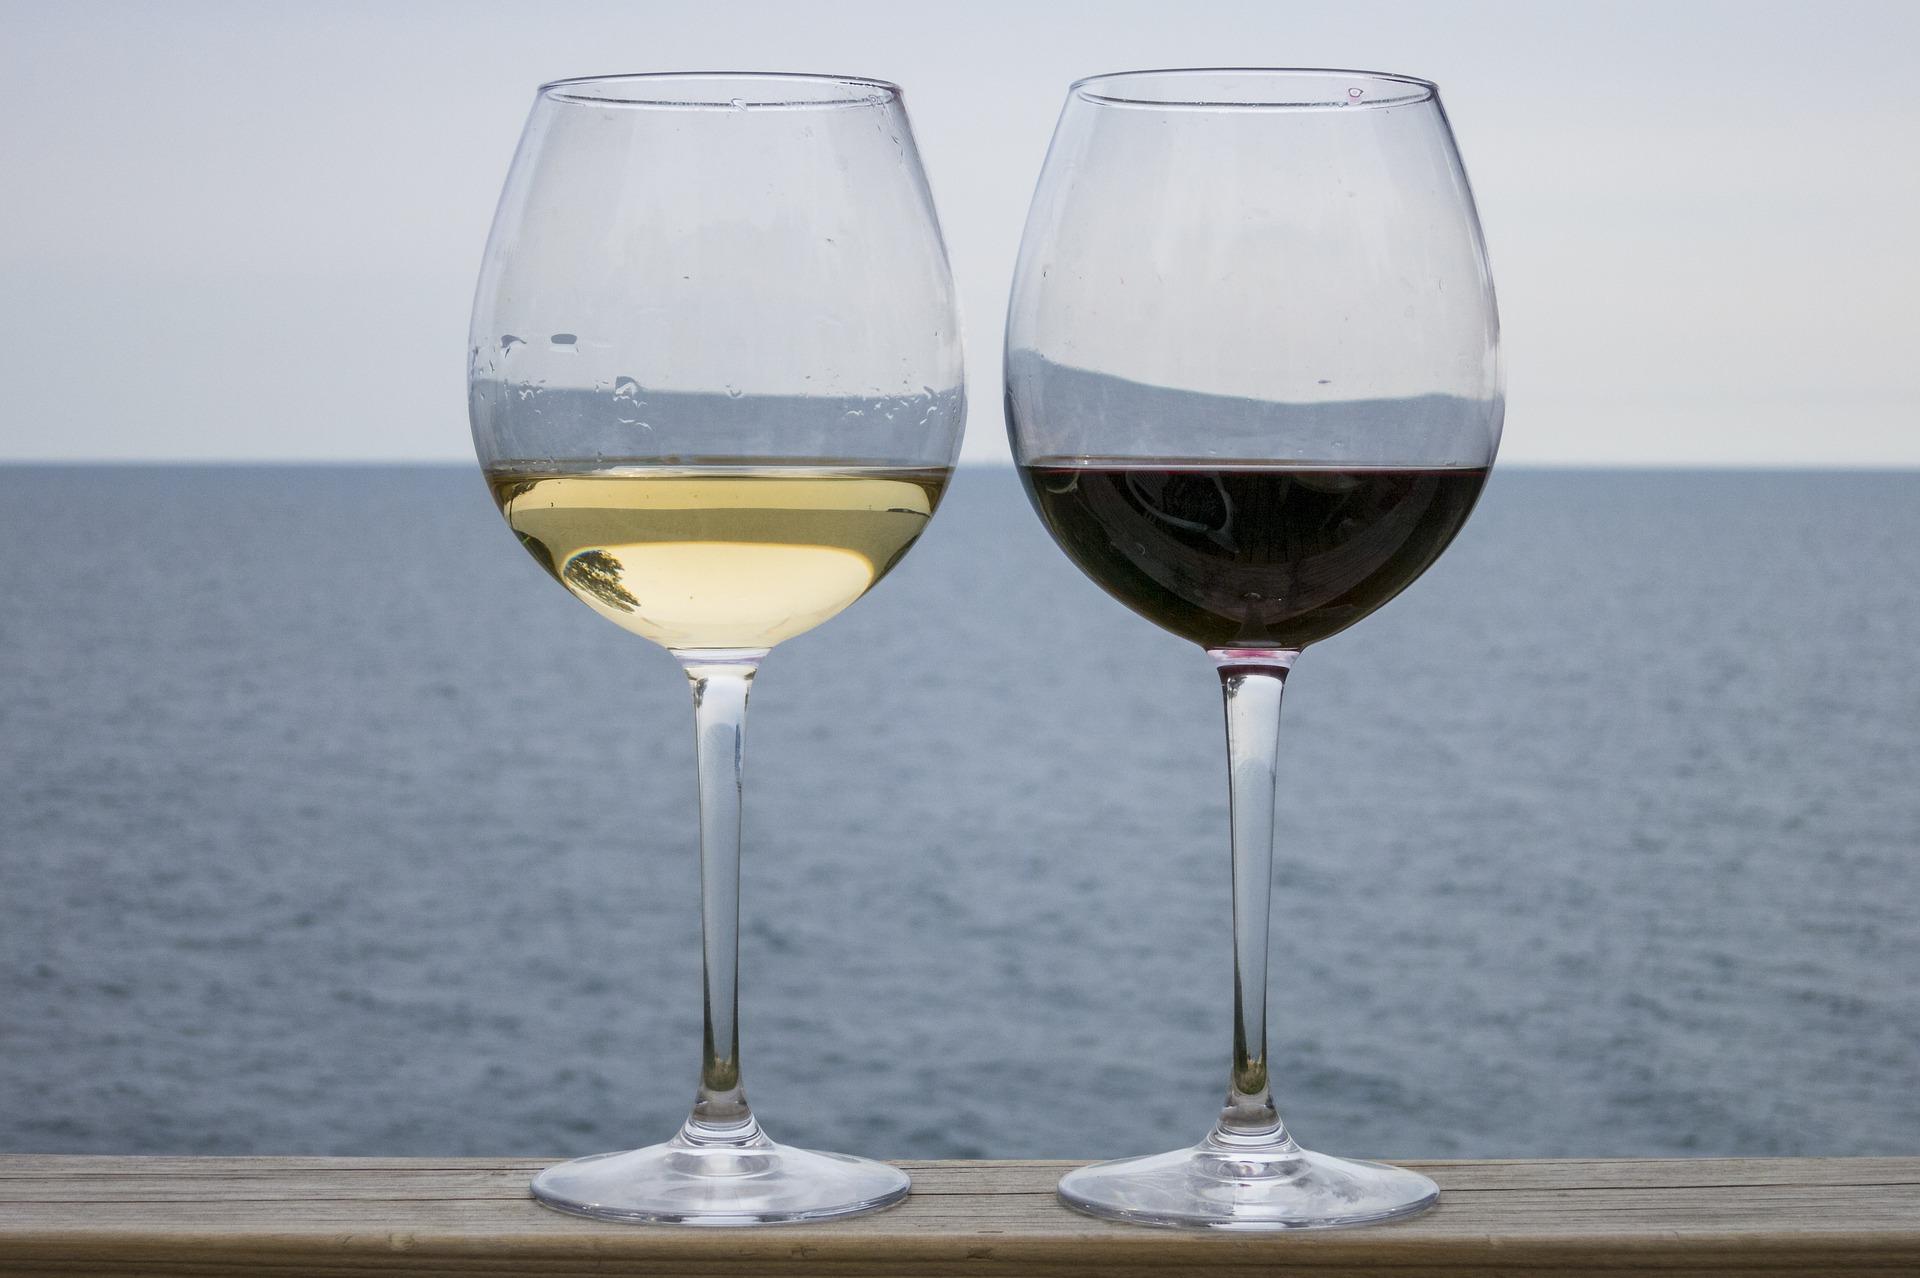 ワイン健康法とは?効果ある飲み方、量、時間、頻度レビューまとめました!